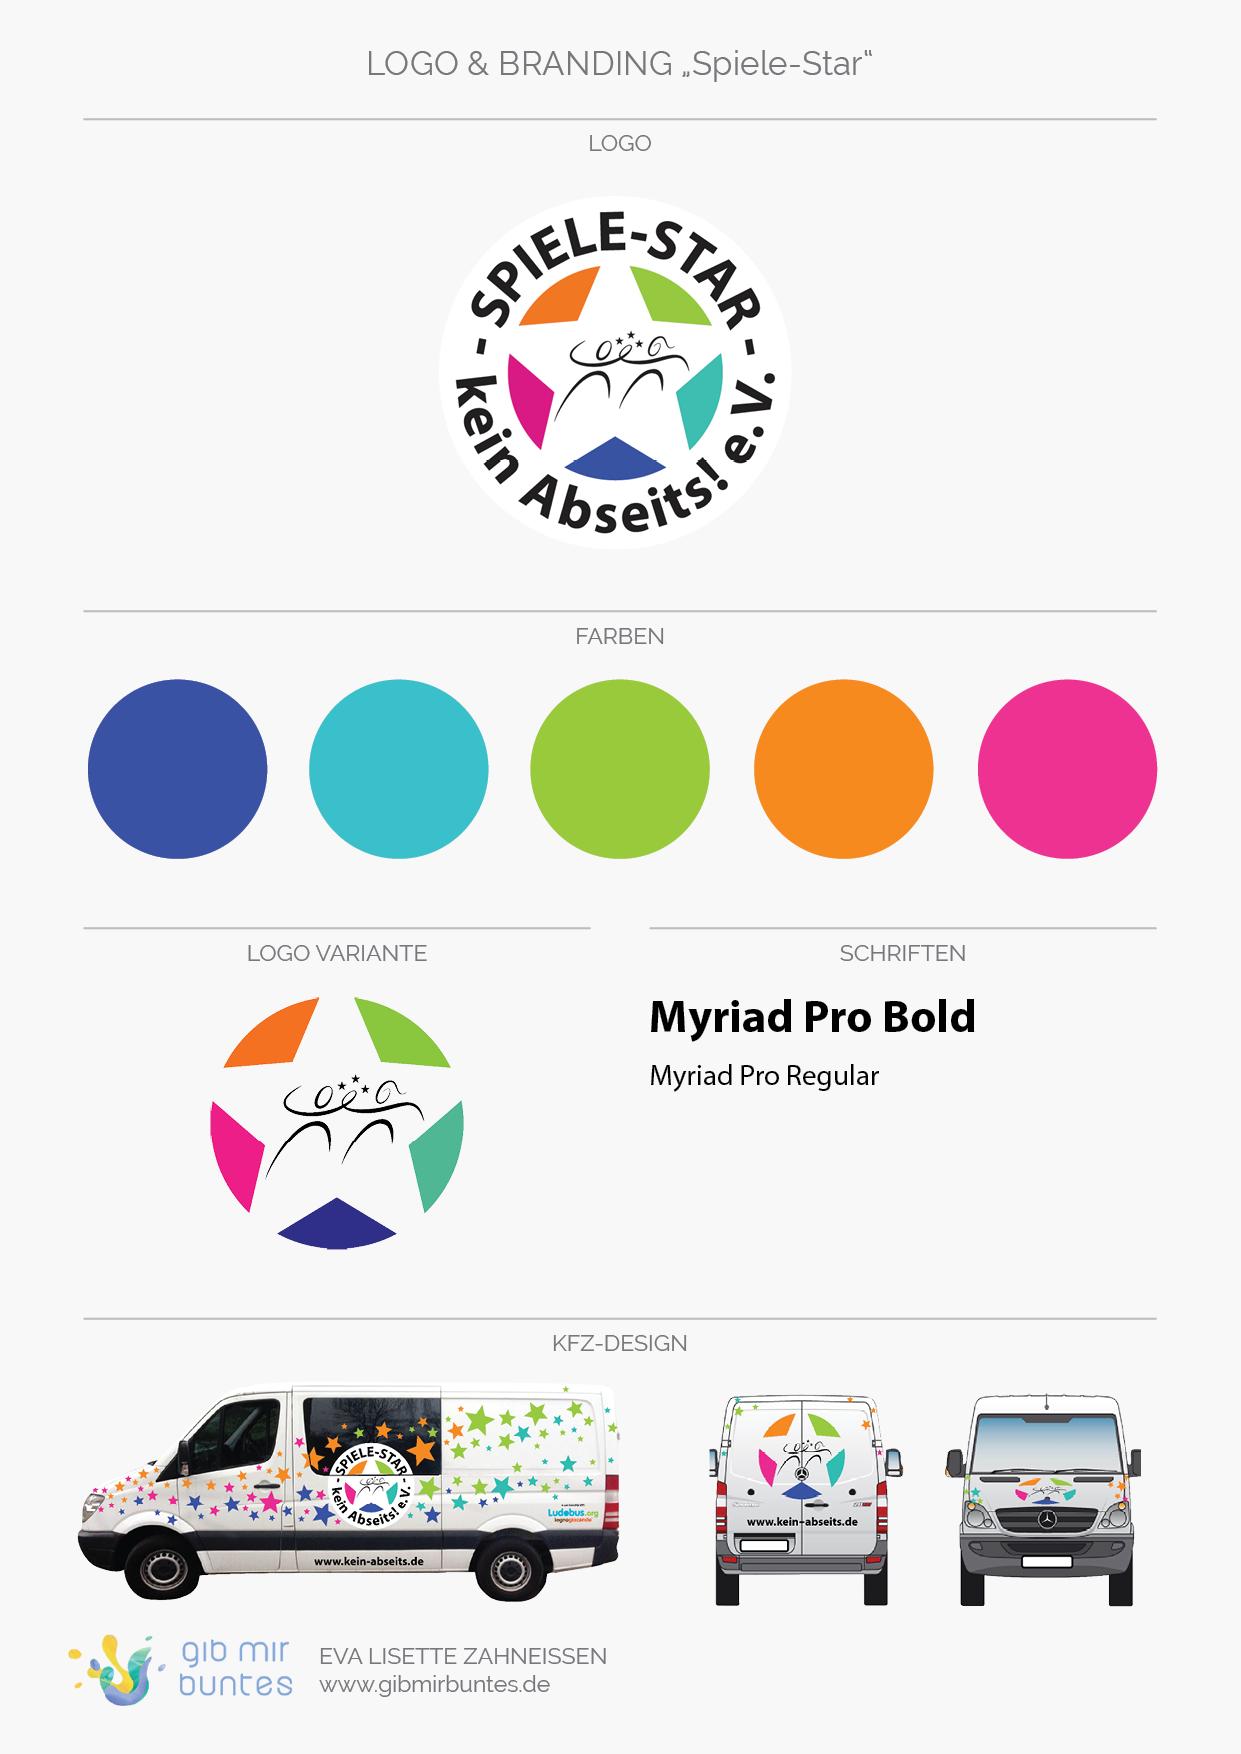 Logo, Logo-Variante, Farben, Schriften, und Foliendesign